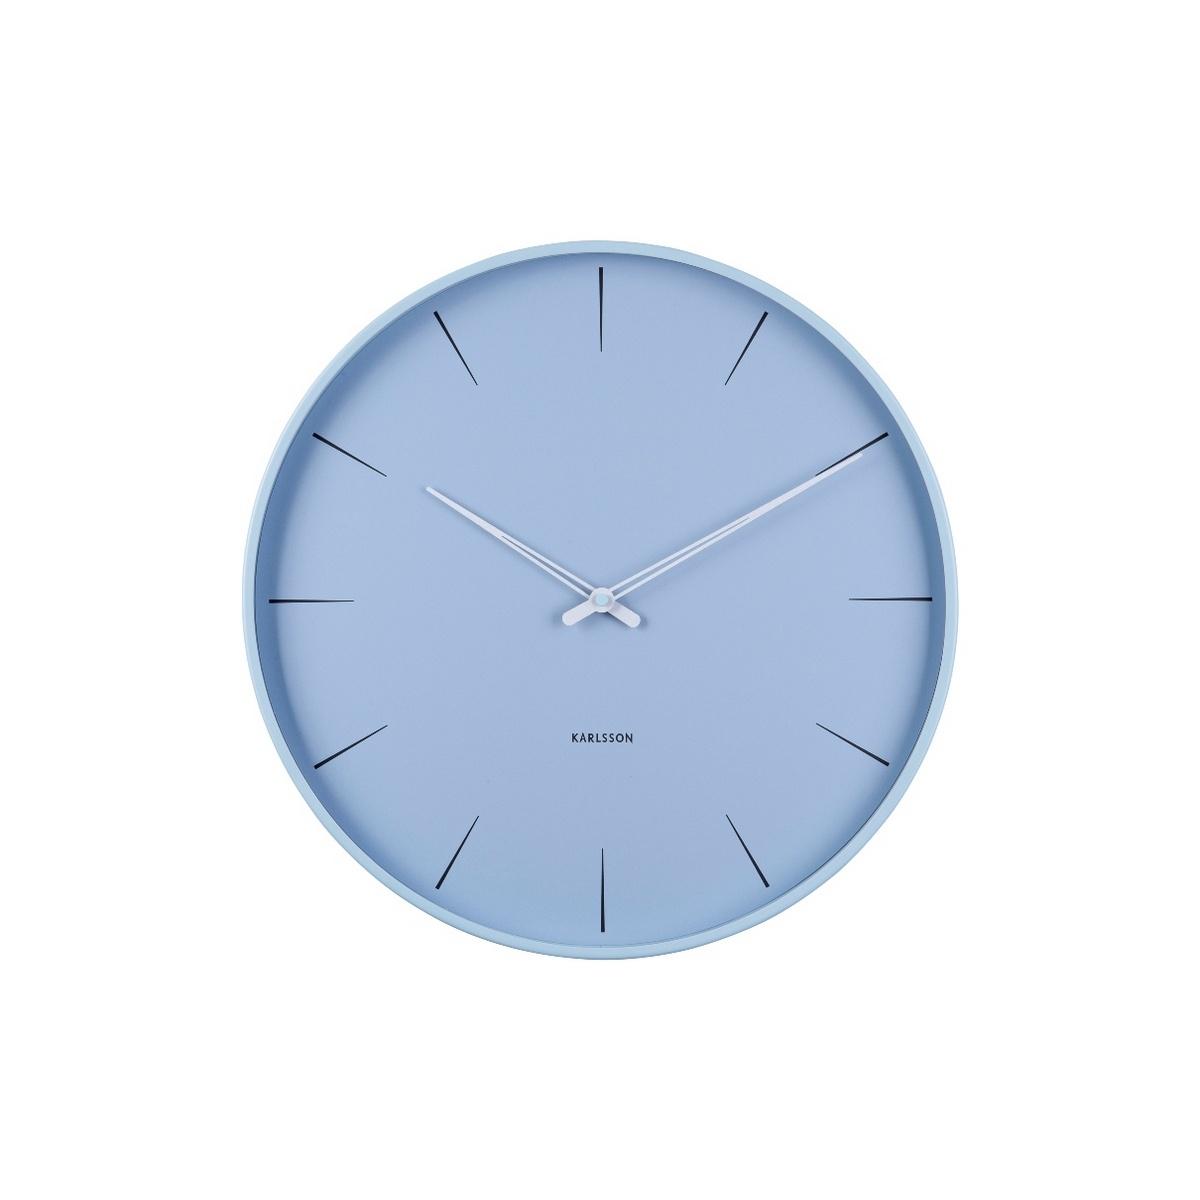 Karlsson Designové nástěnné hodiny KA5834BL